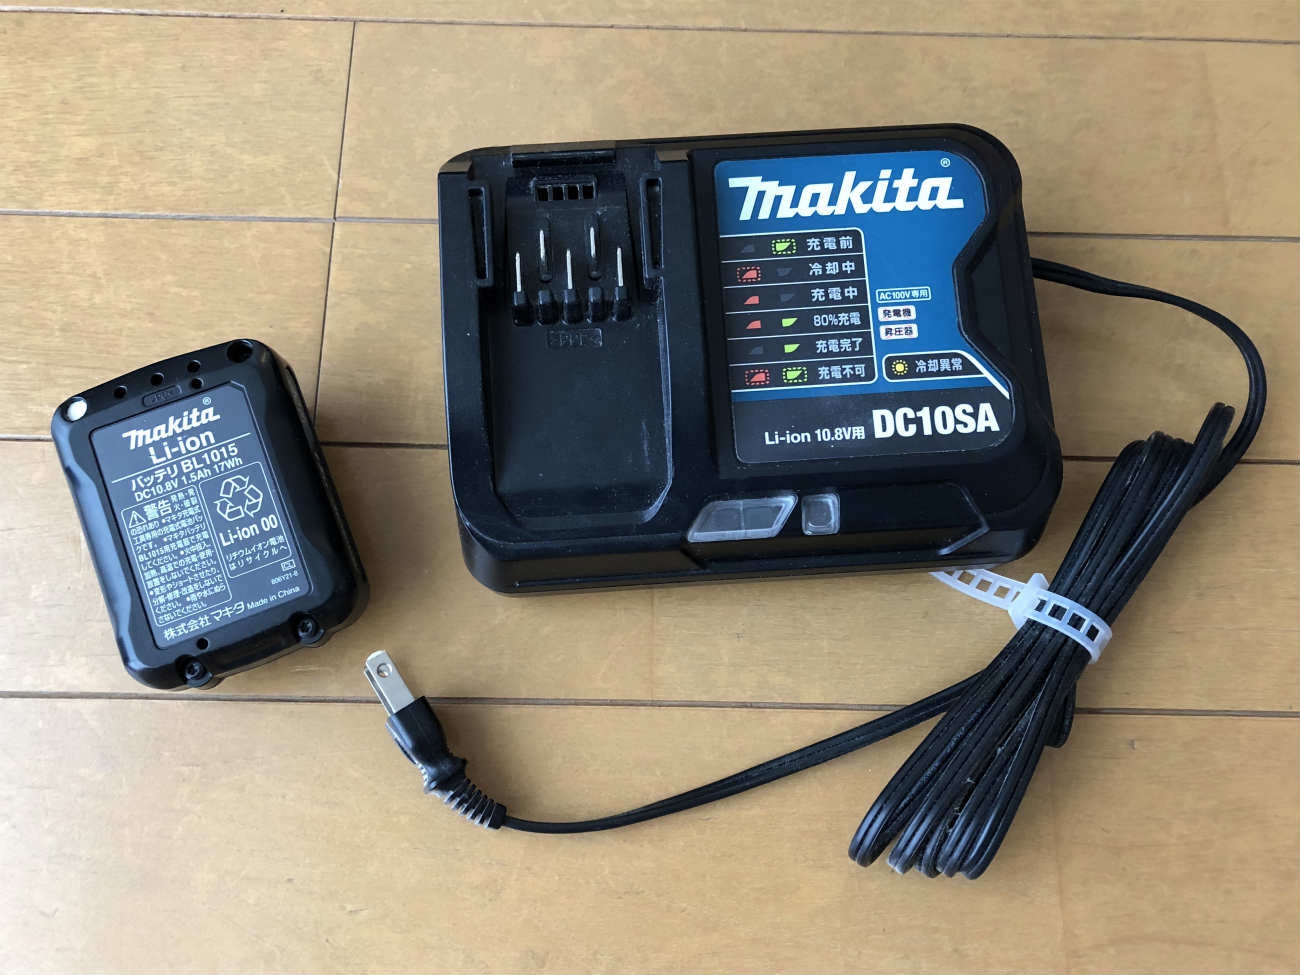 マキタの掃除機のバッテリーセット